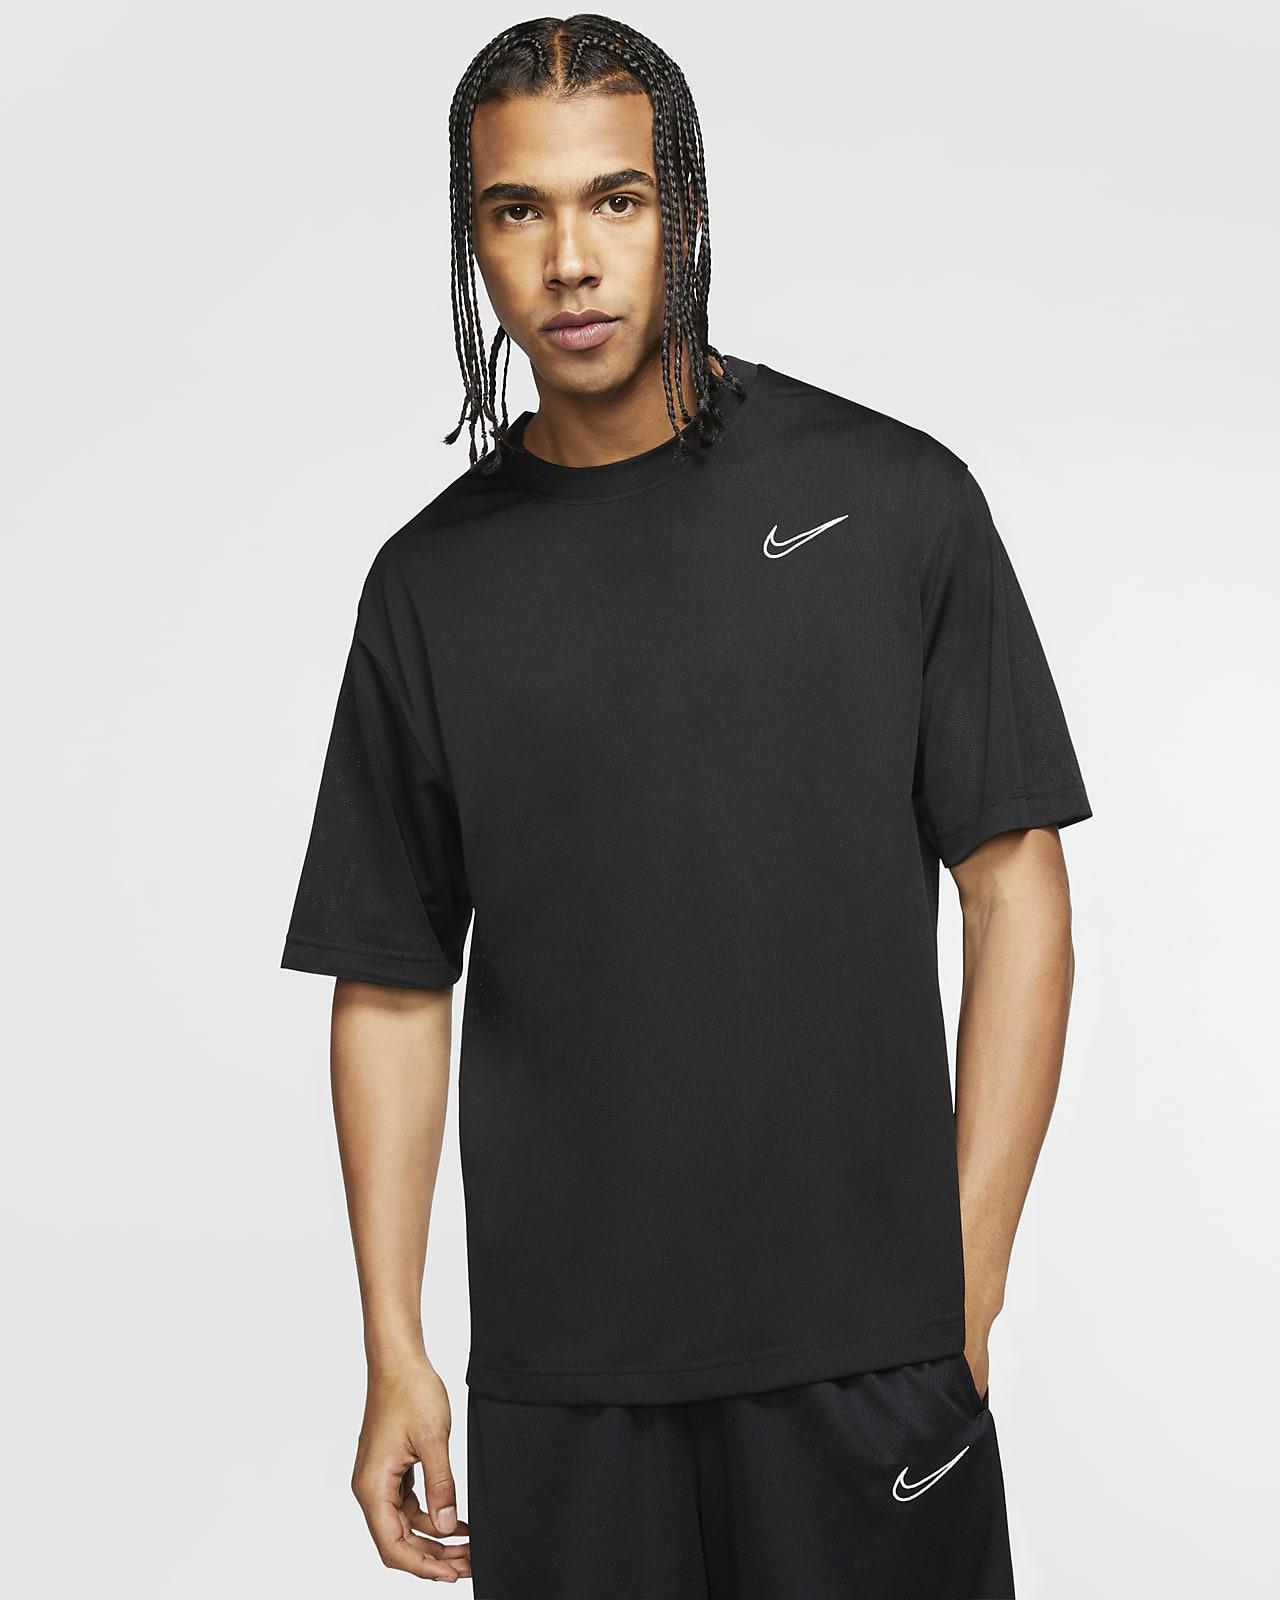 Baskettröja Nike Dri-FIT Classic för män